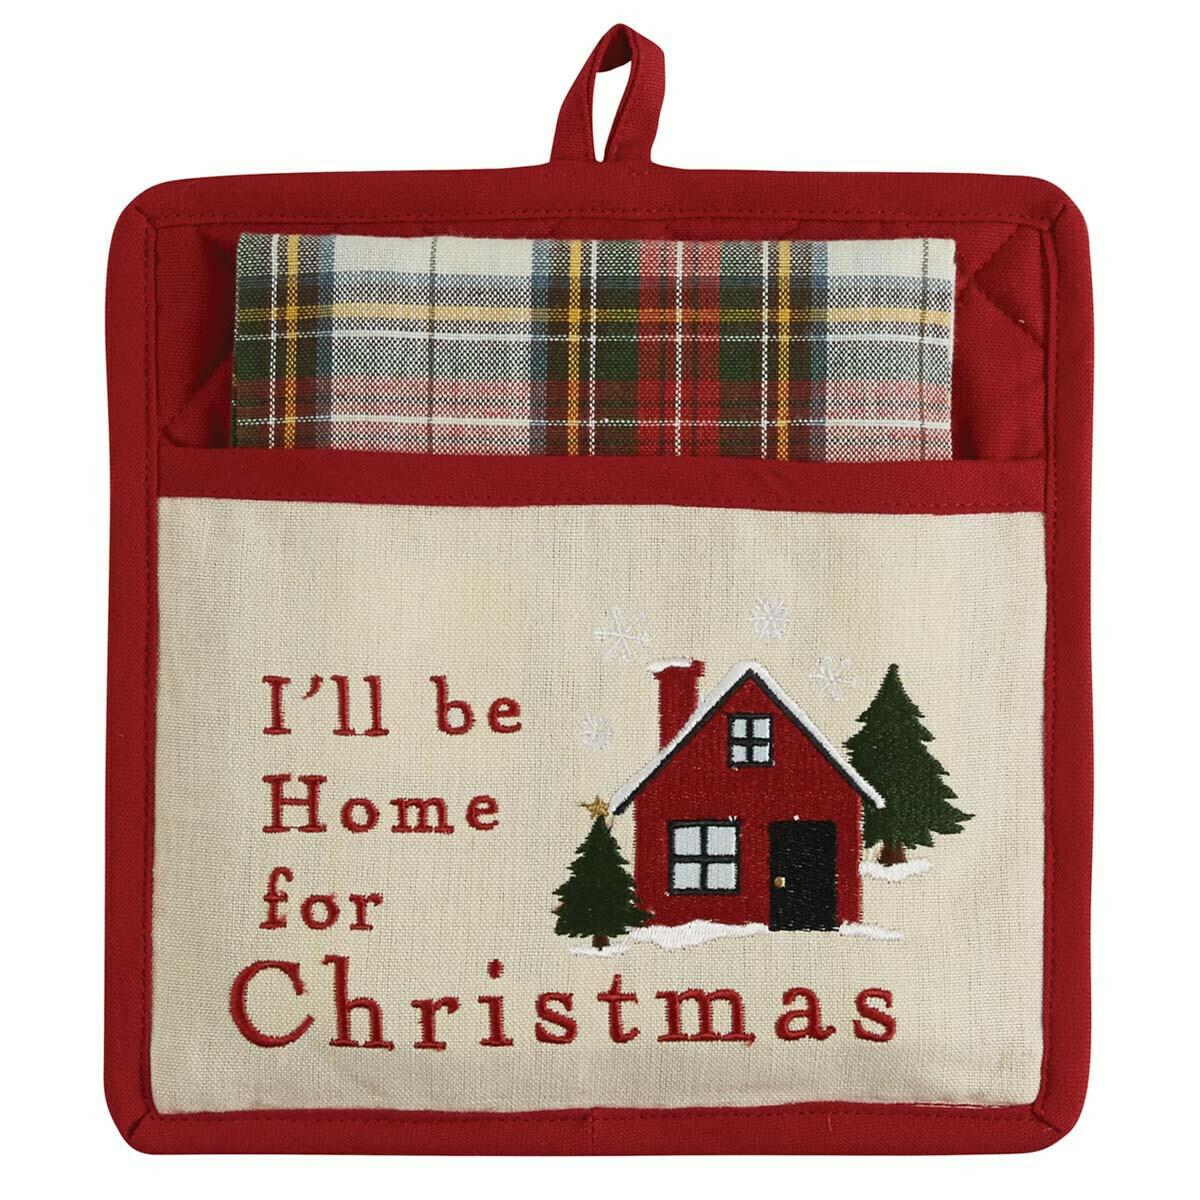 I'll Be Home Pocket Potholder Set